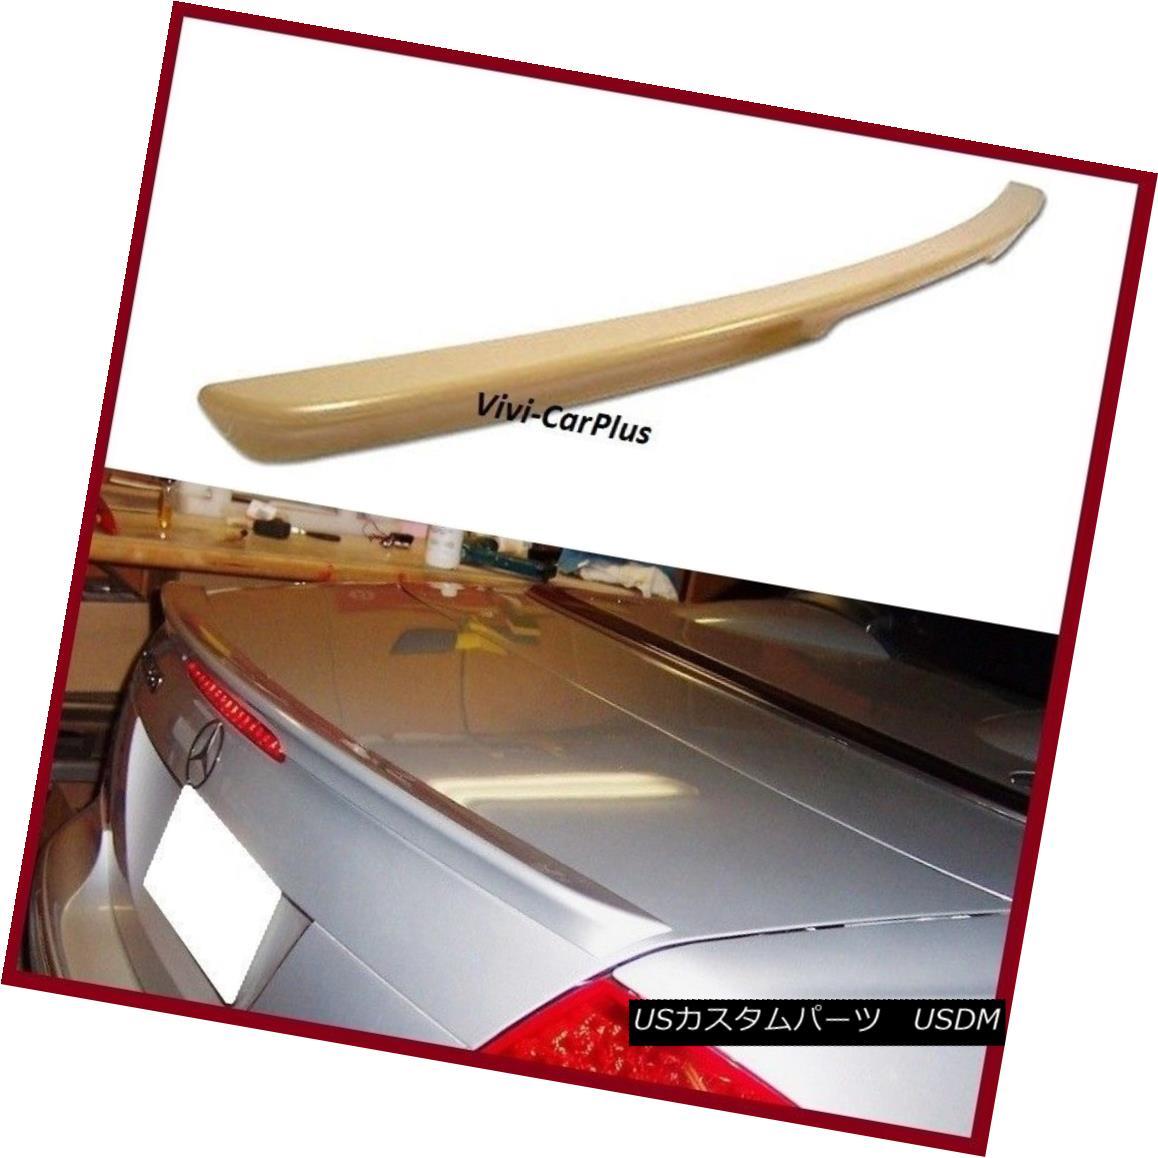 エアロパーツ UNPAINTED 04-08 M-BENZ W209 CLK350 CLK550 CLK55 Coupe AMG Type Trunk Spoiler Lip UNPAINTED 04-08 M-BENZ W209 CLK350 CLK550 CLK55クーペAMGタイプトランク・スポイラー・リップ